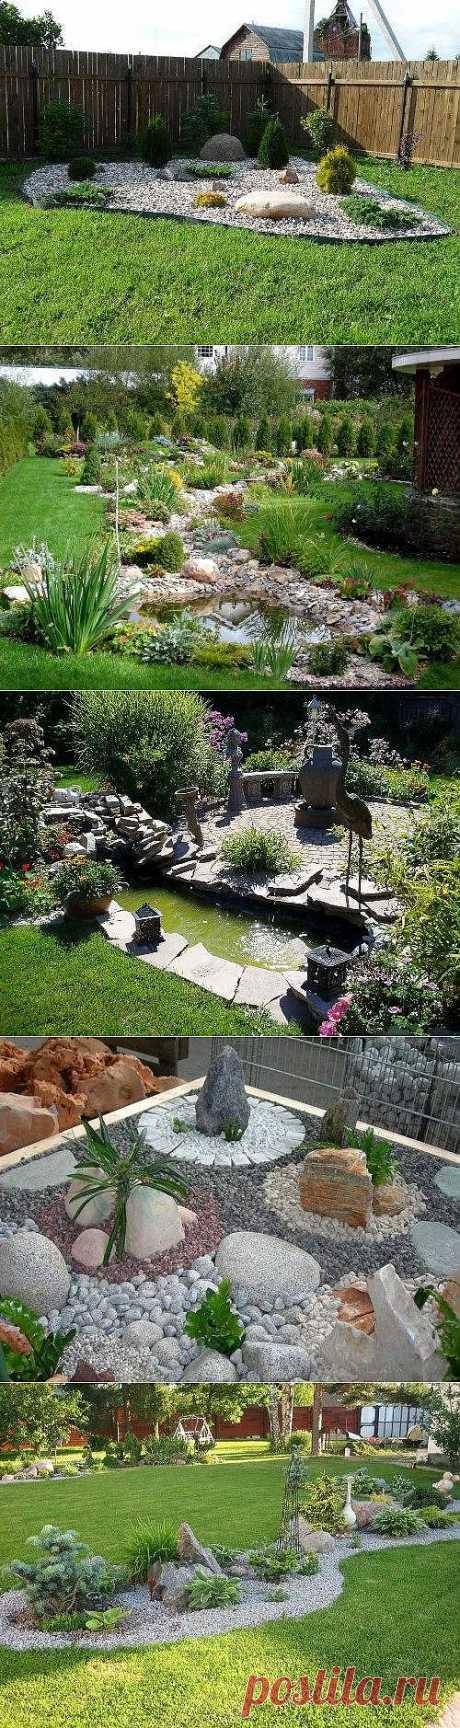 Камни в ландшафтном дизайне участка. Фото